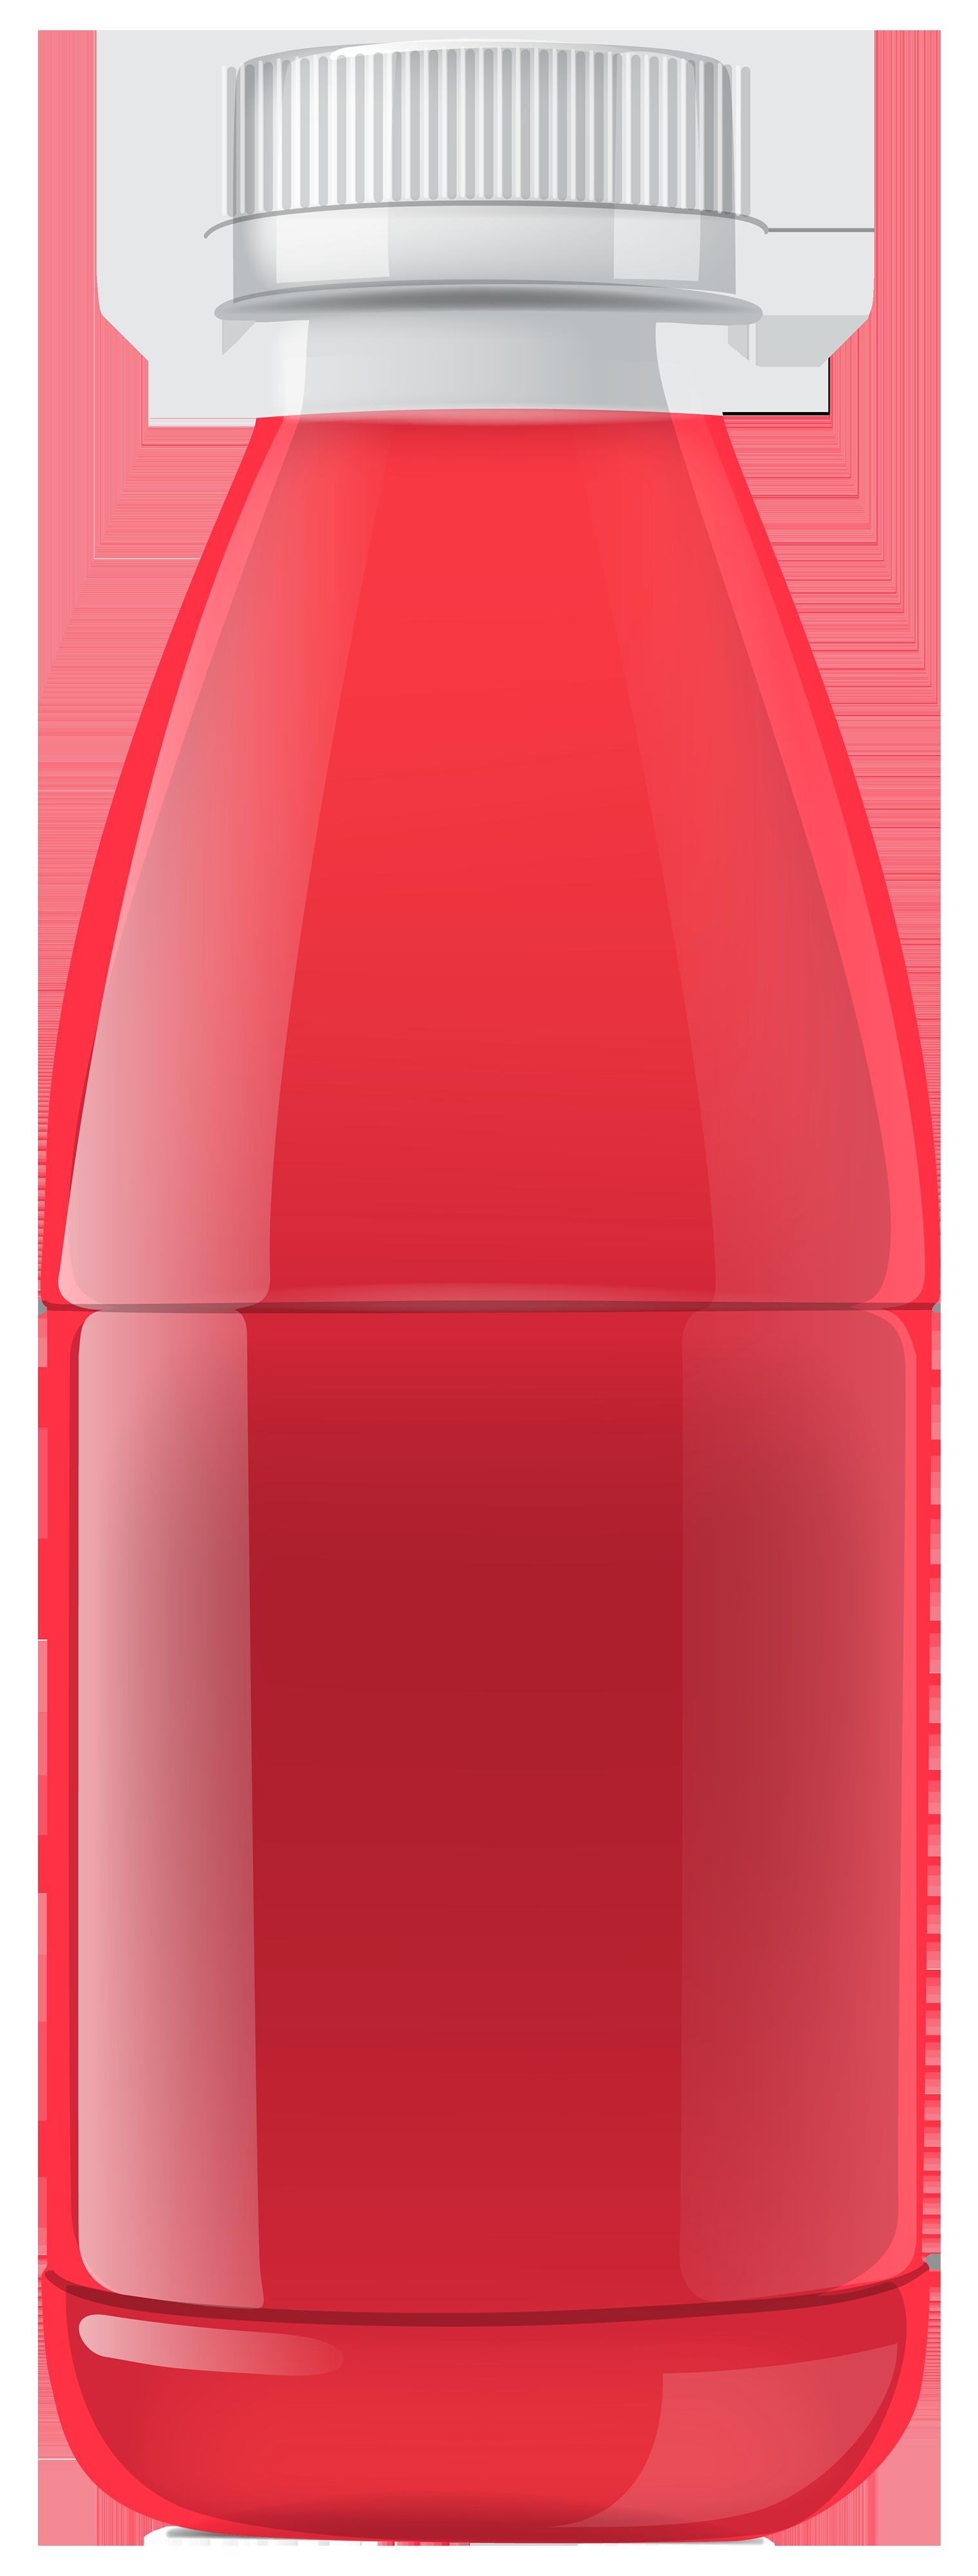 Watermelon clipart juices. Juice transparent png pictures